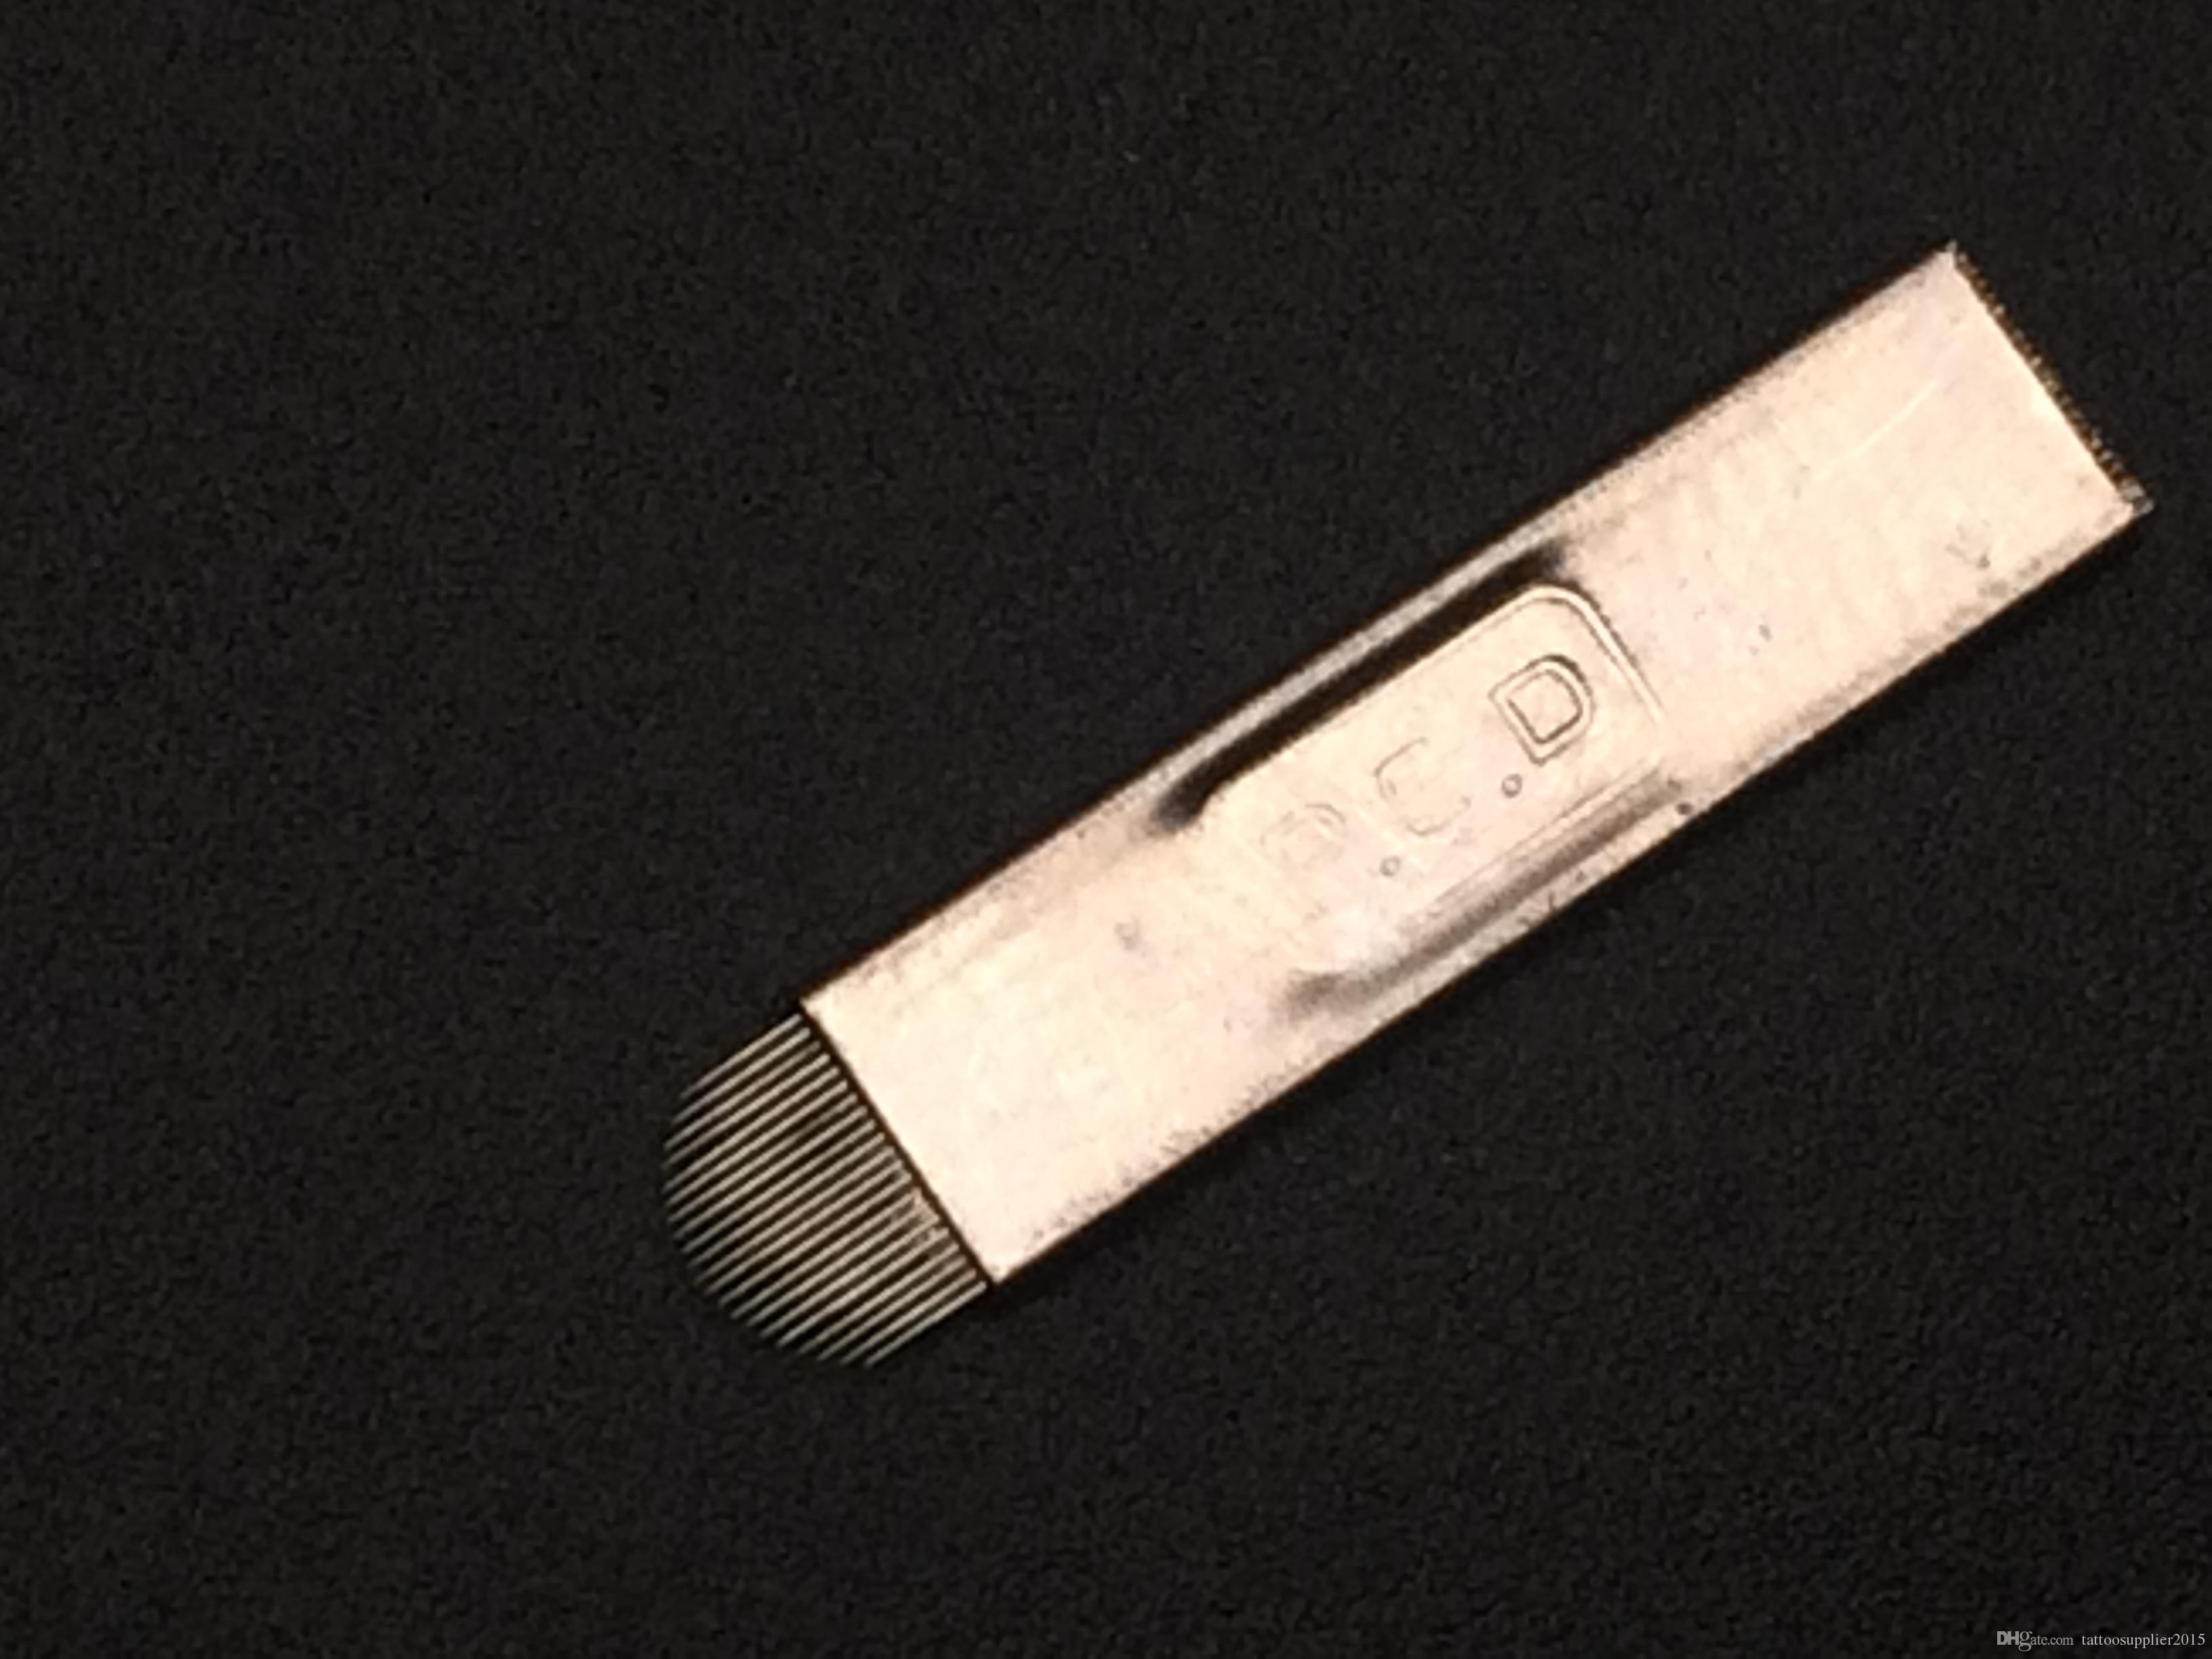 plus récent aiguilles 21PIN forme de U maquillage lame sourcils manuel permanent aiguilles de tatouage professionnel 3D main broderie Microblading